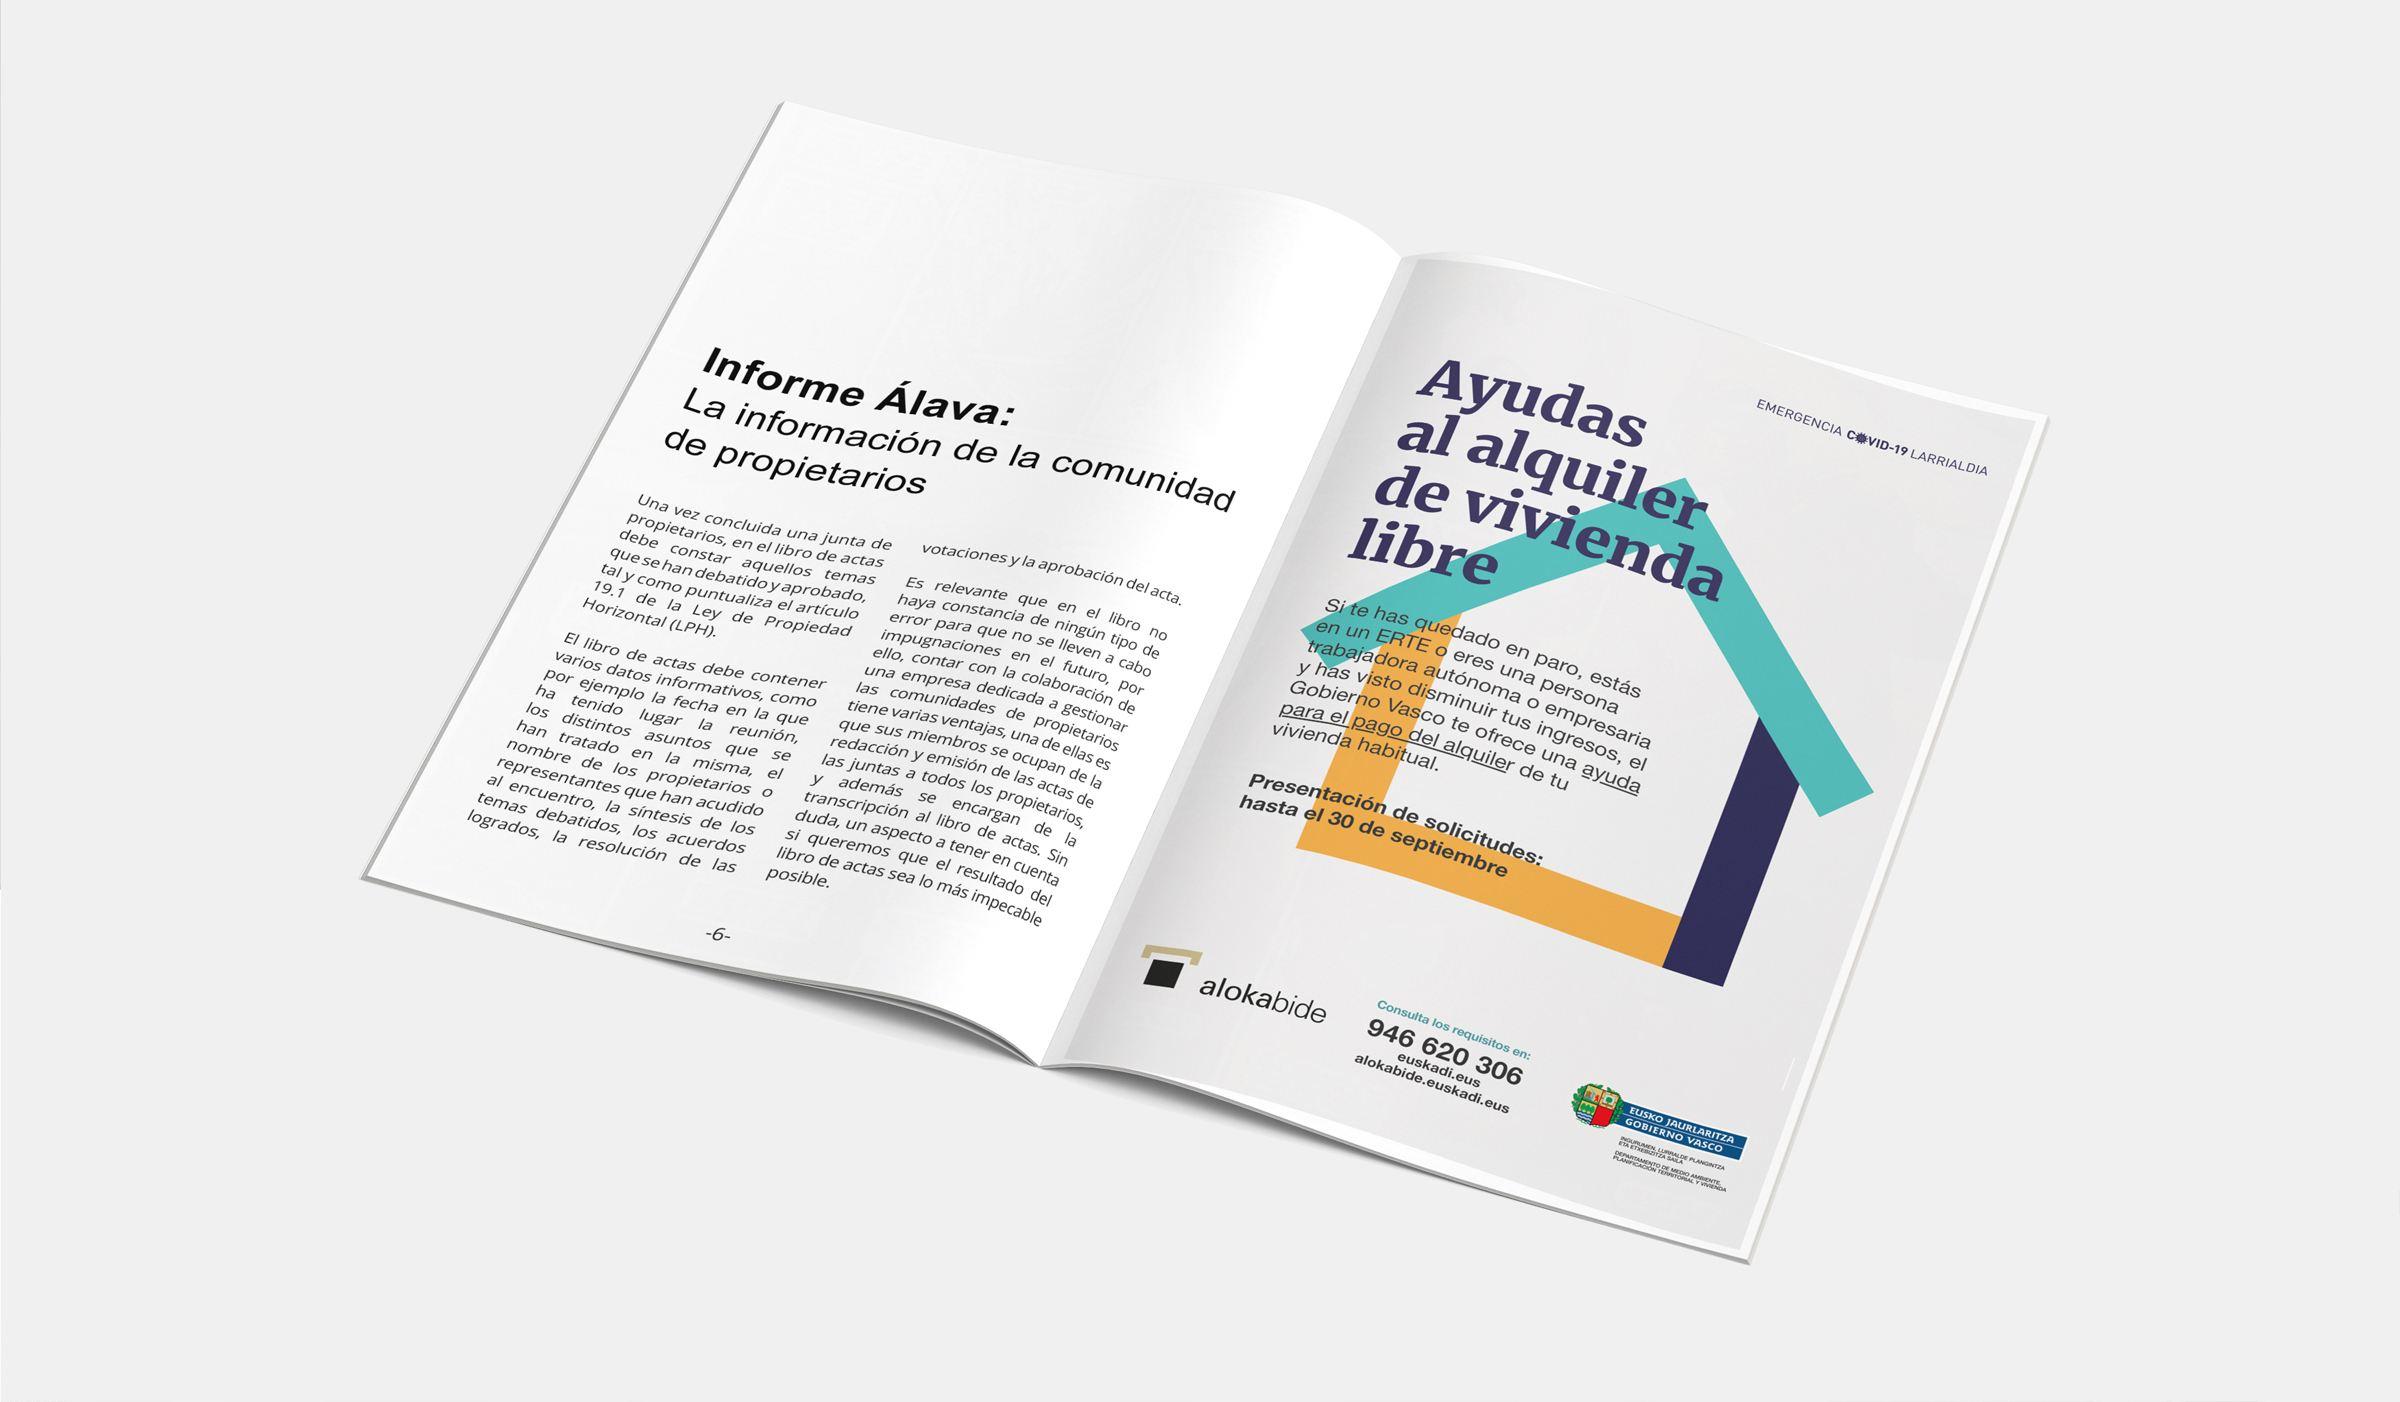 AYUDAS AL ALQUILER REVISTA CANAL DIRECTO